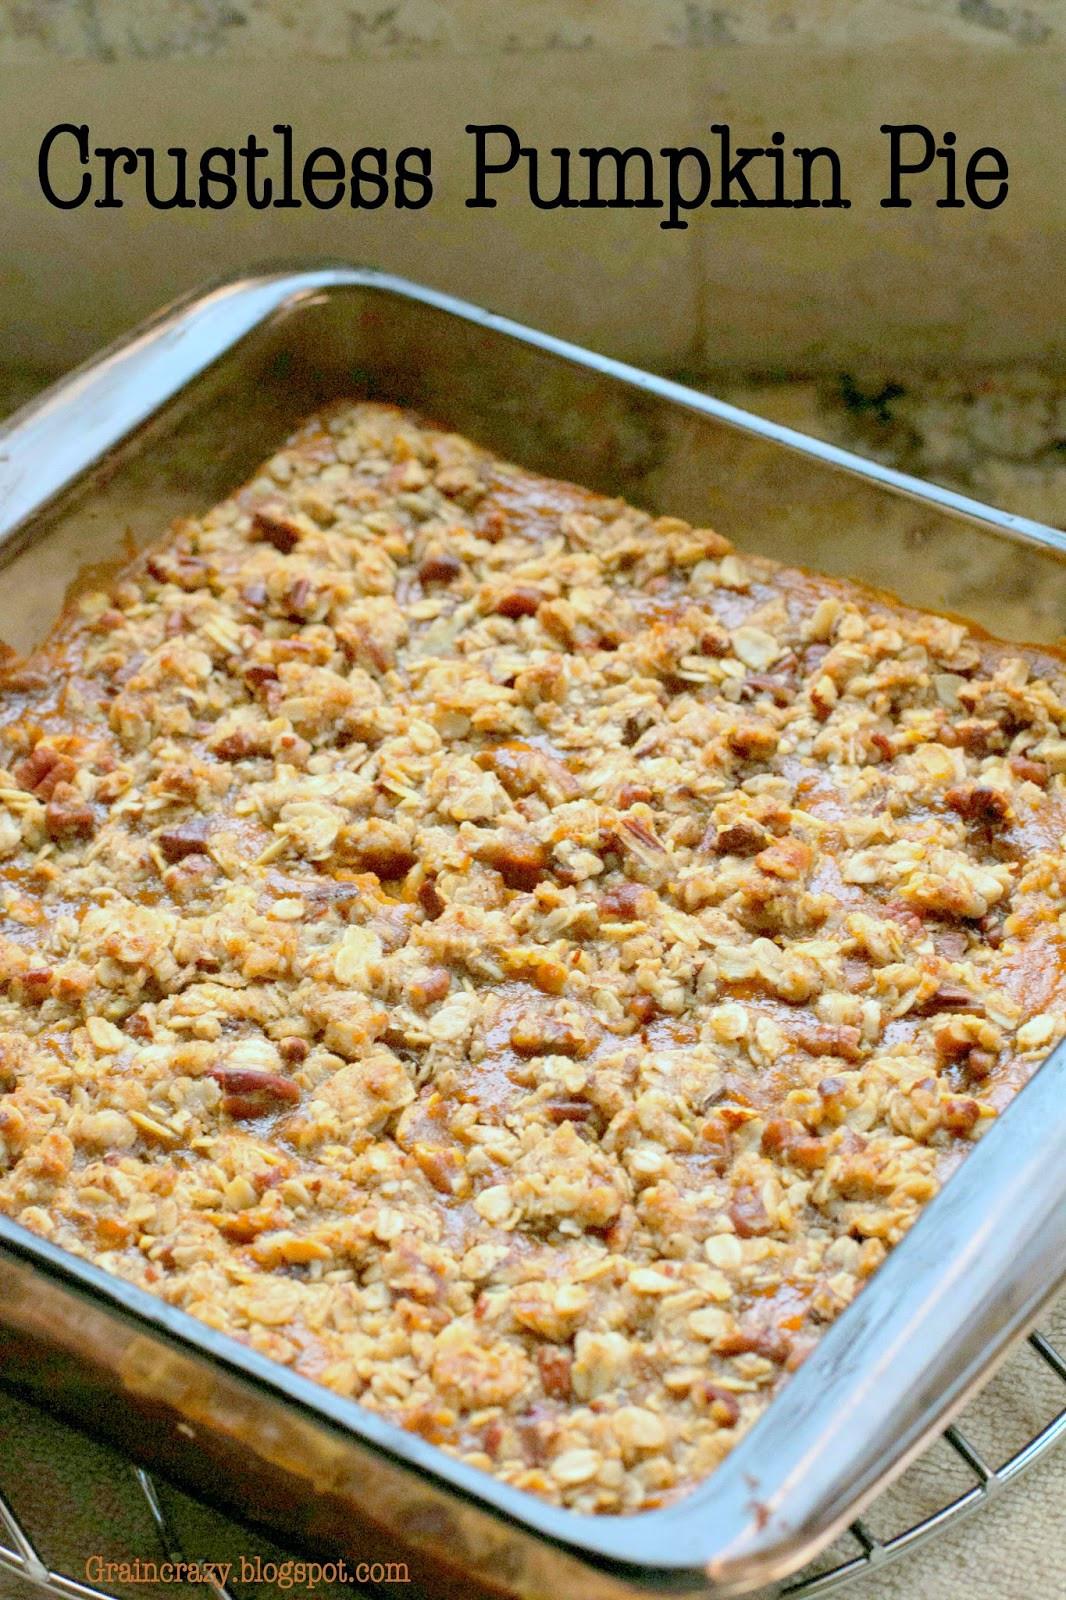 Crustless Dairy Free Pumpkin Pie Grain Crazy Crustless Pumpkin Pie Gluten Free